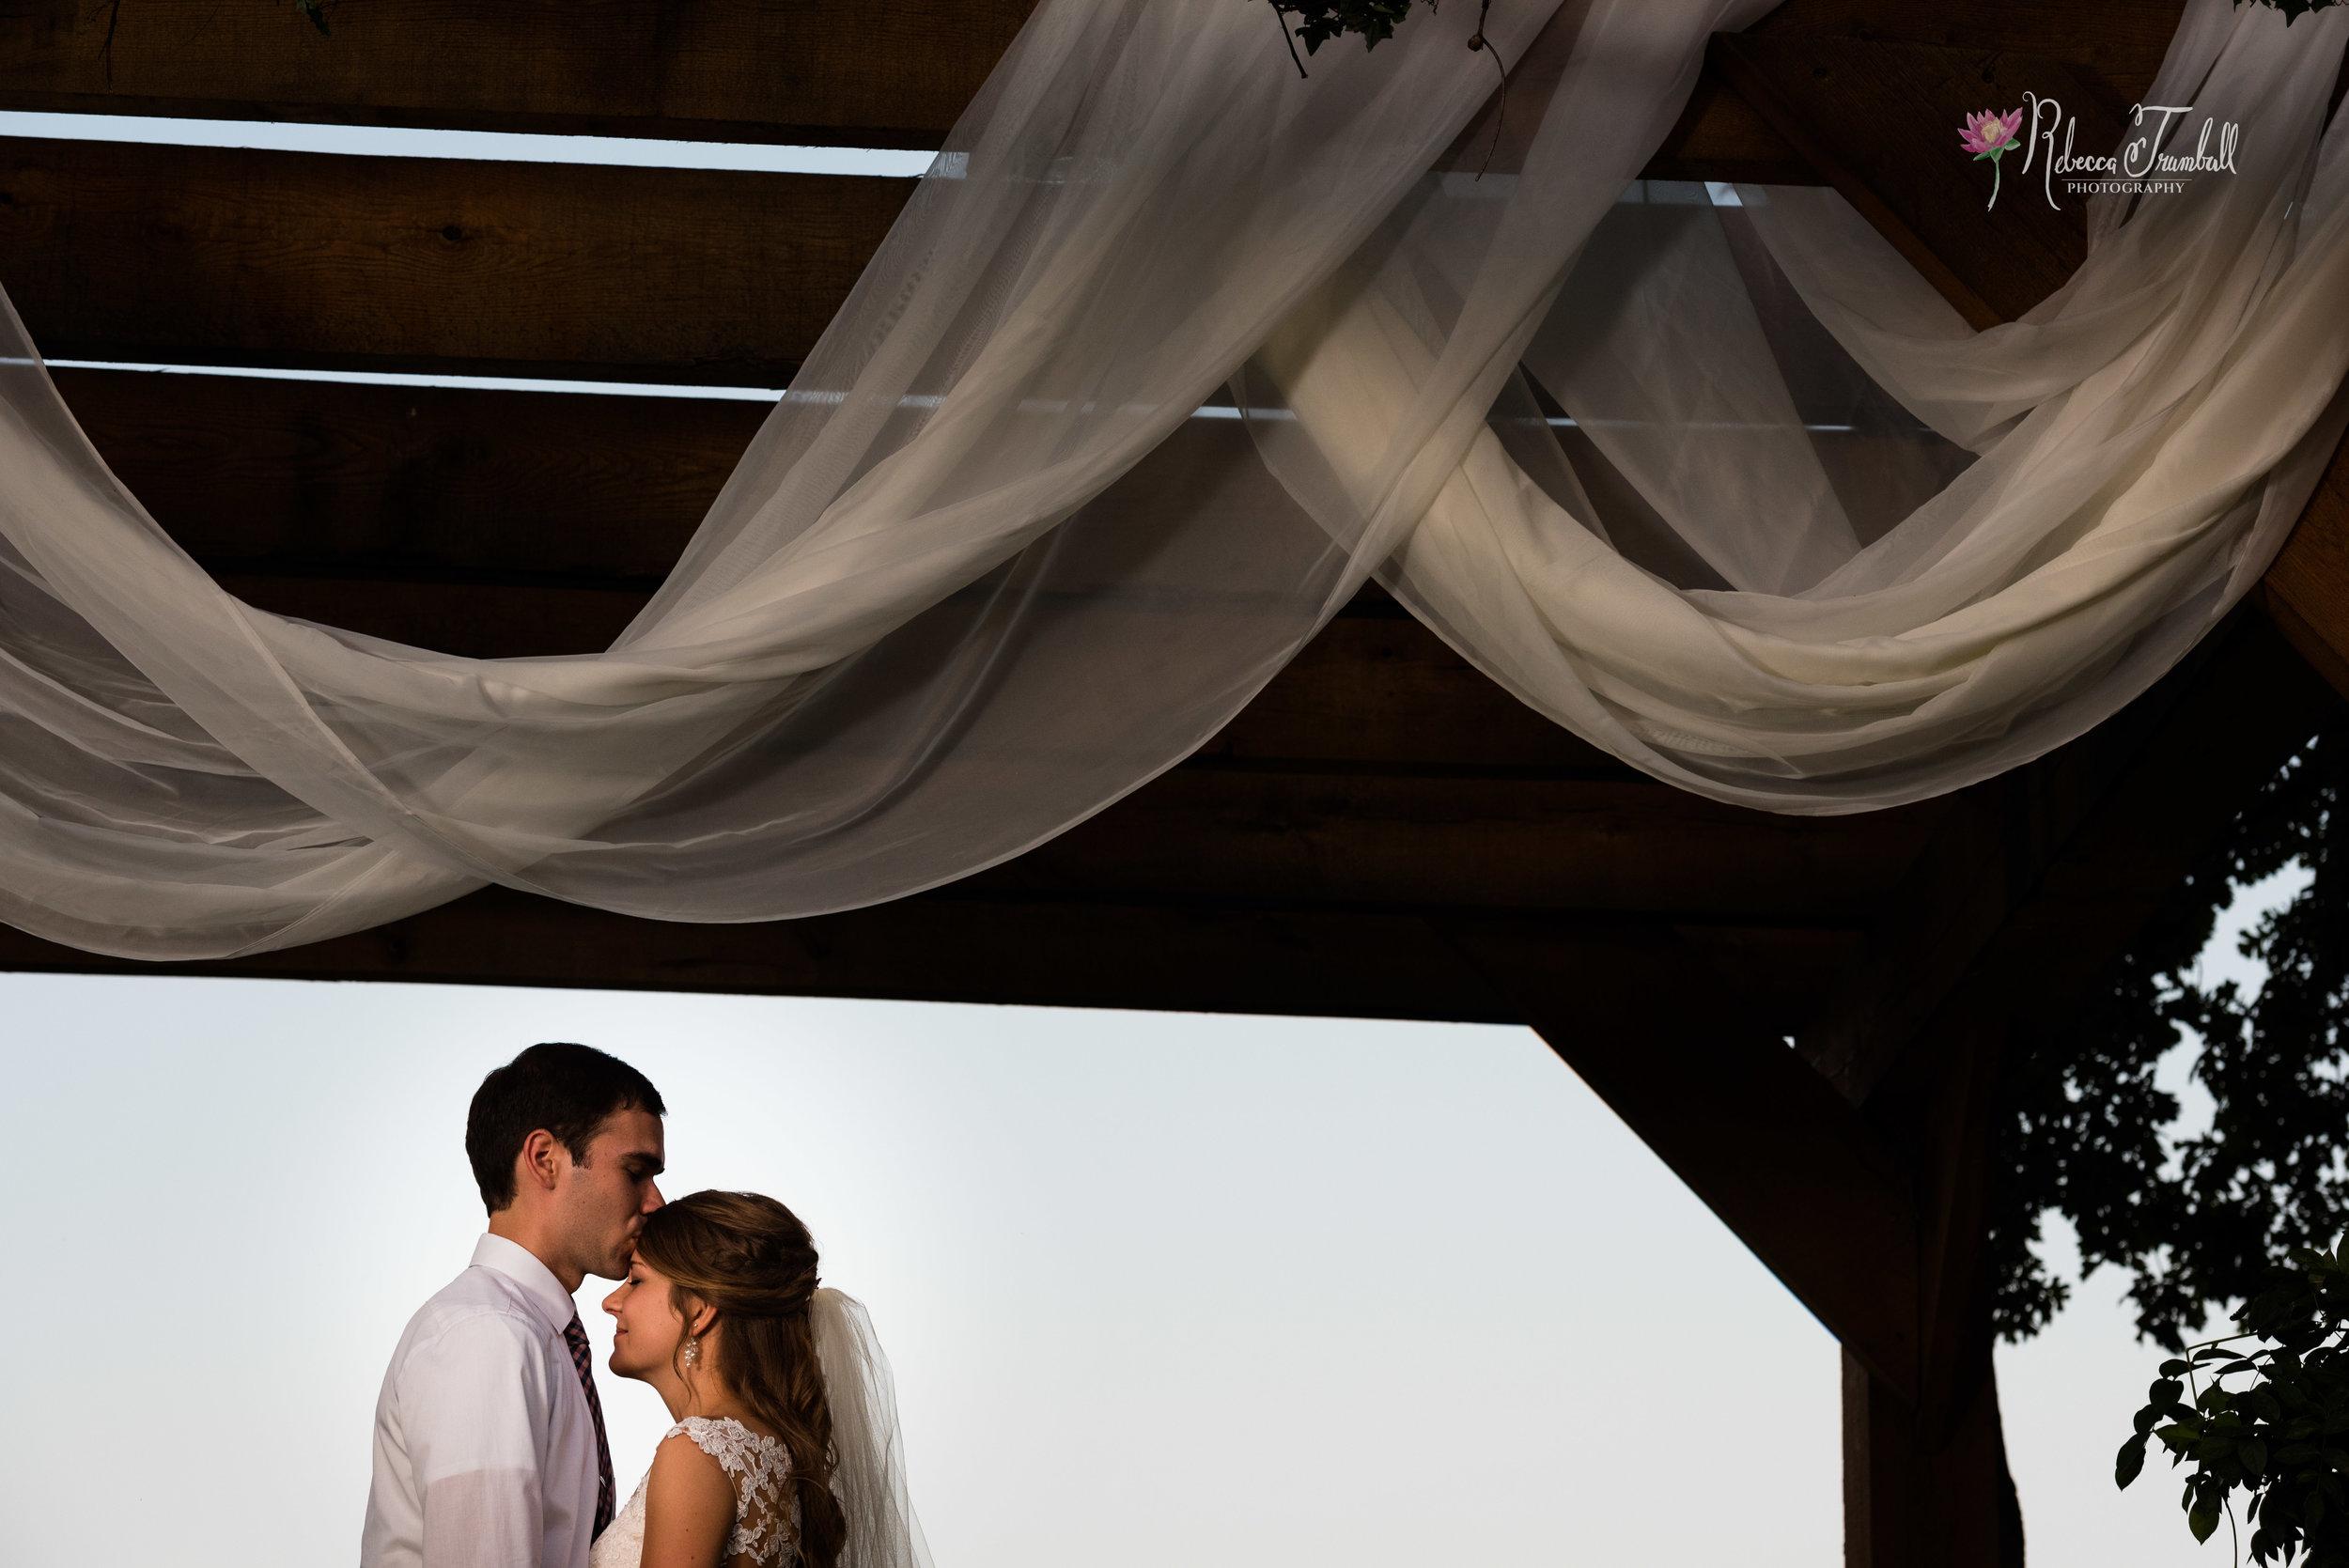 toledo area wedding photography-27.jpg